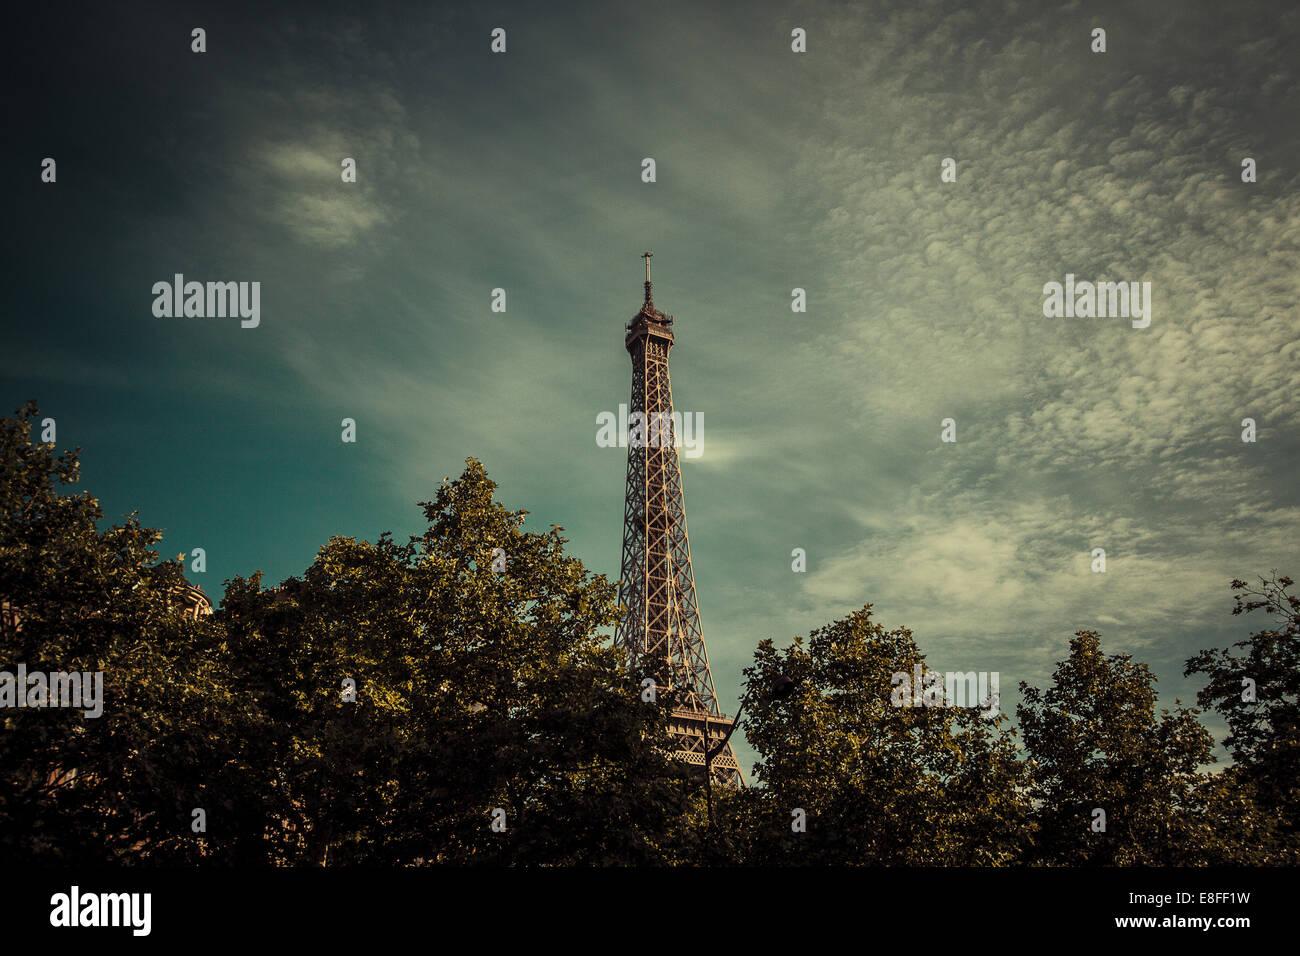 Eiffelturm über Baumkronen, Paris, Frankreich Stockbild